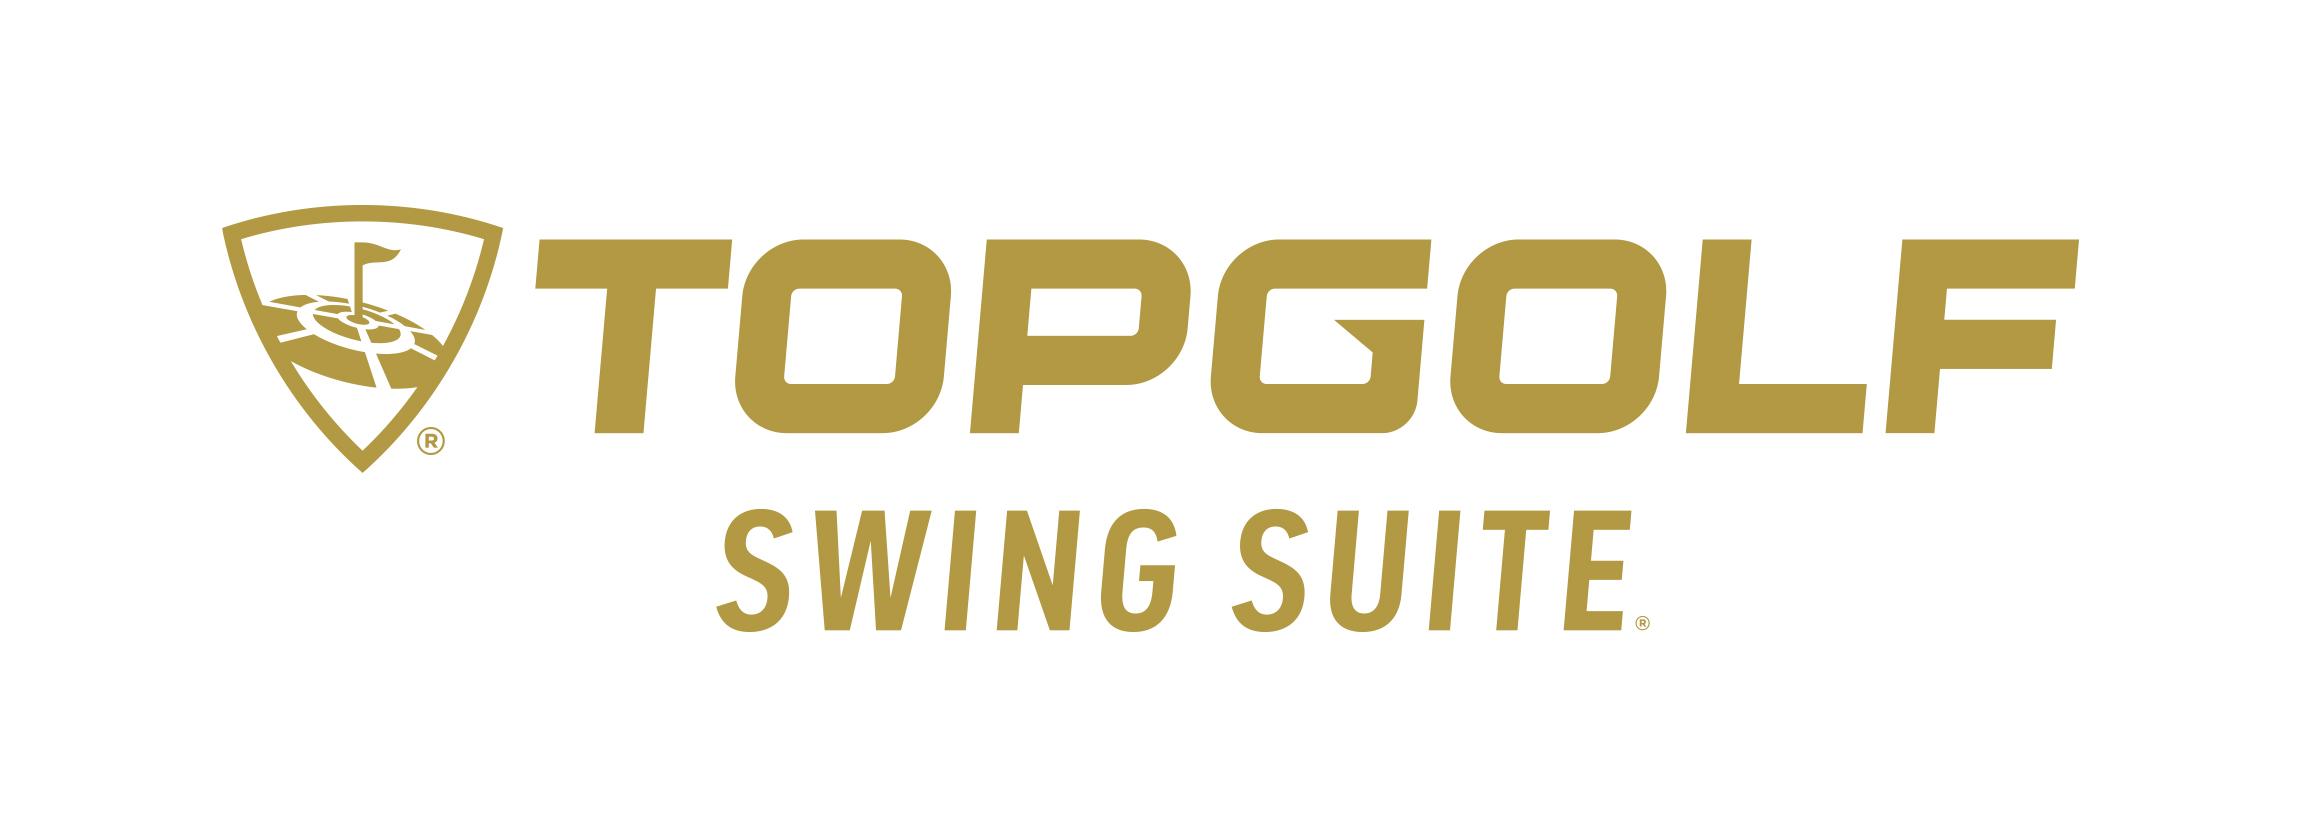 tg-logo-swingsuite-horizontal-gold-pantone